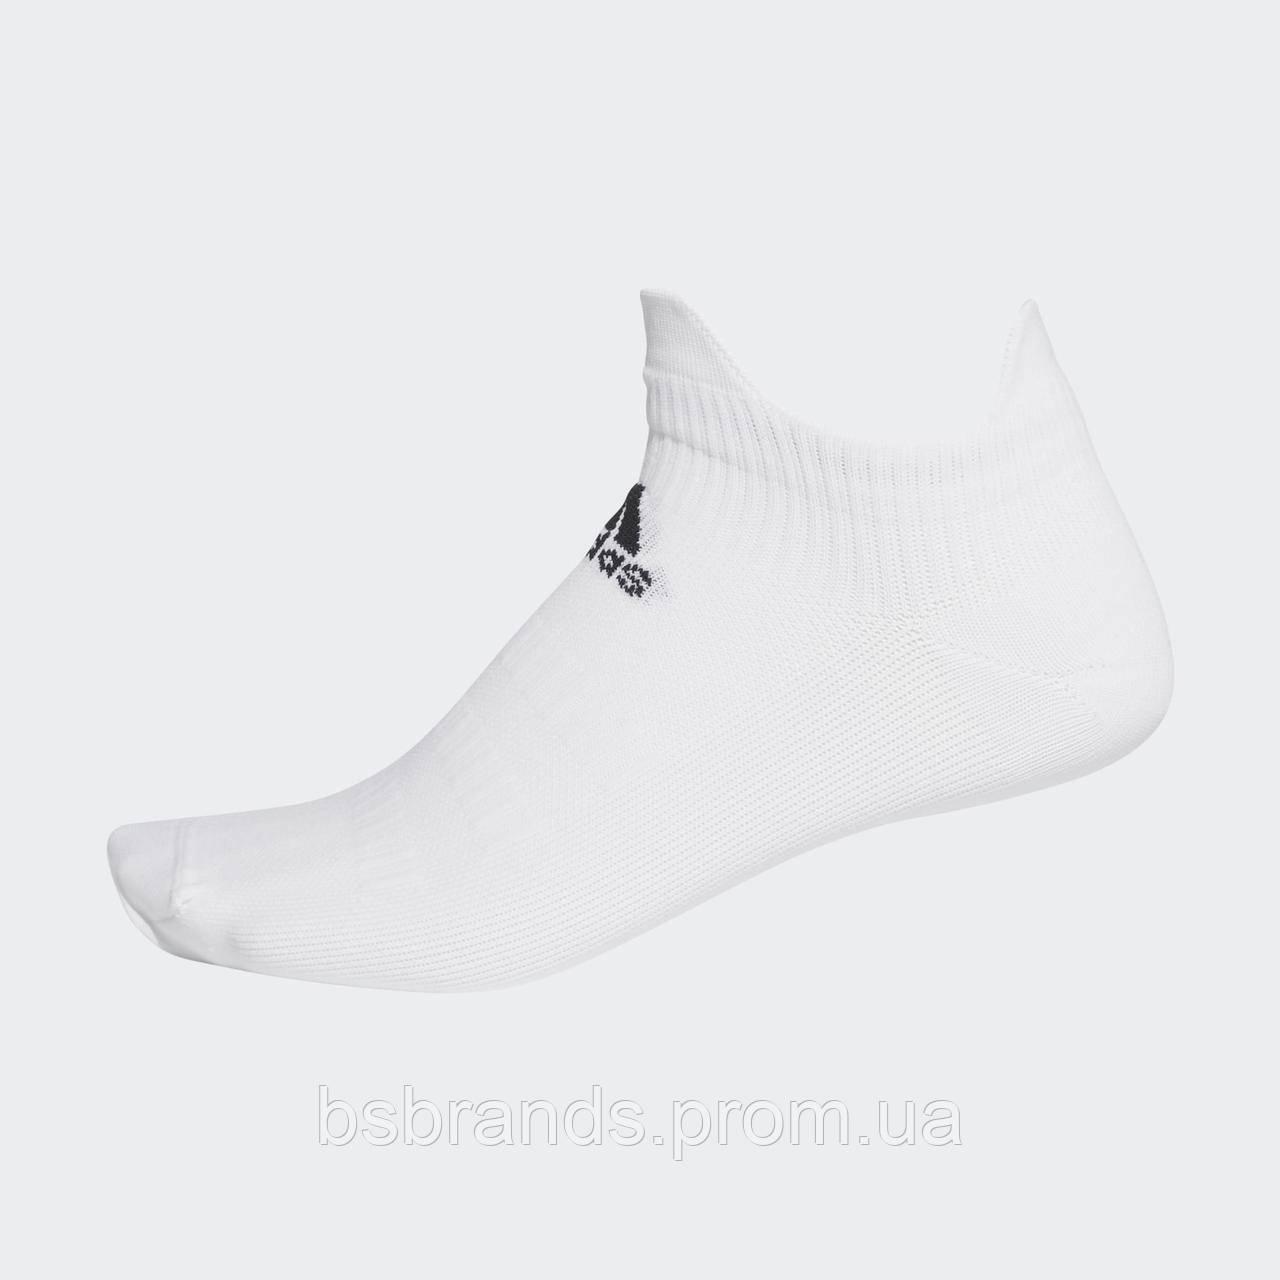 Спортивные носки Adidas Alphaskin Low FK0957 (2020/1)